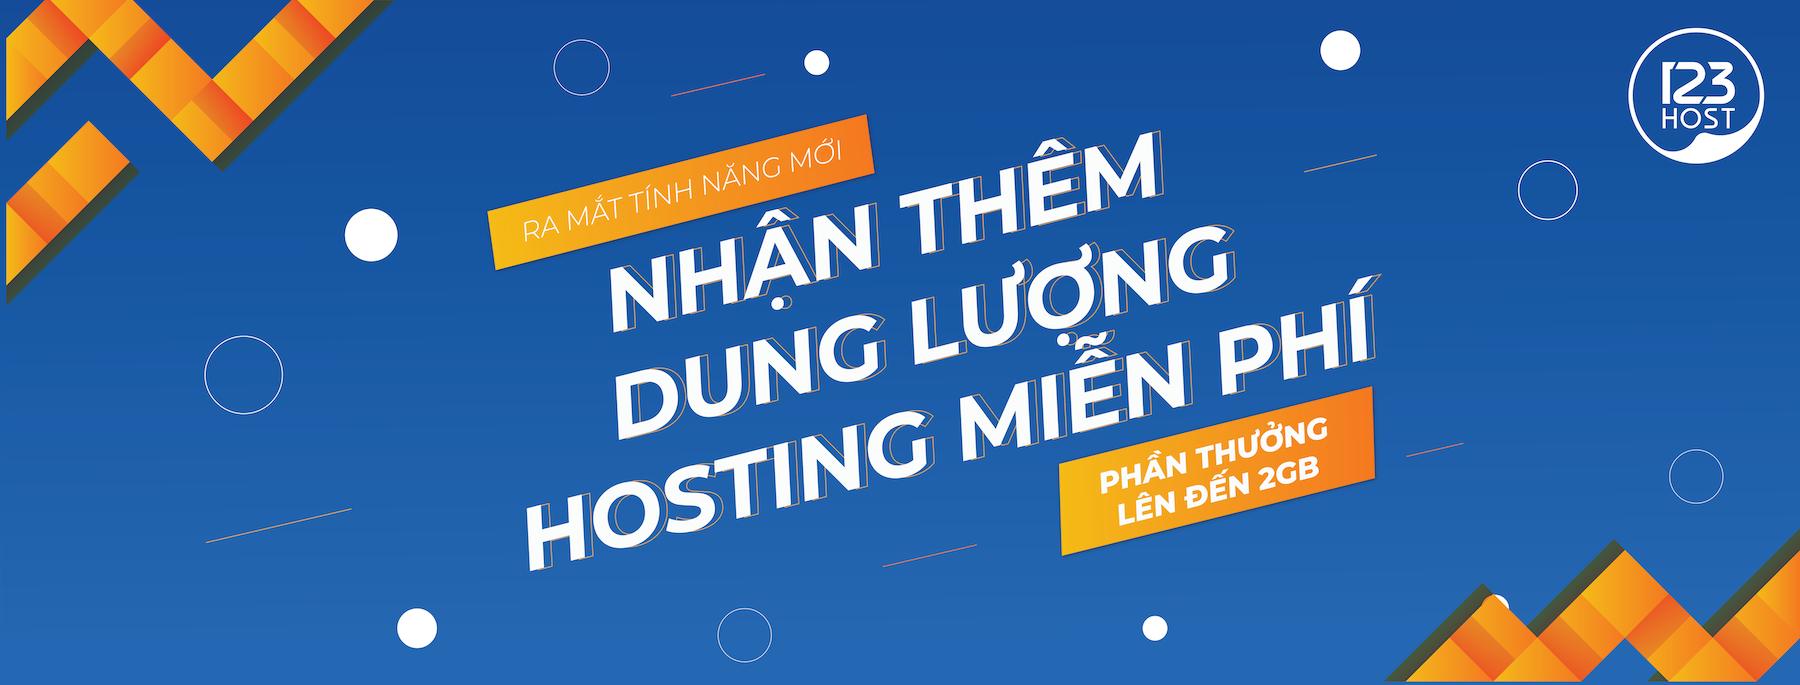 Hướng dẫn đăng kí và nhận thêm dung lượng miễn phí Web Hosting ở 123Host.Vn